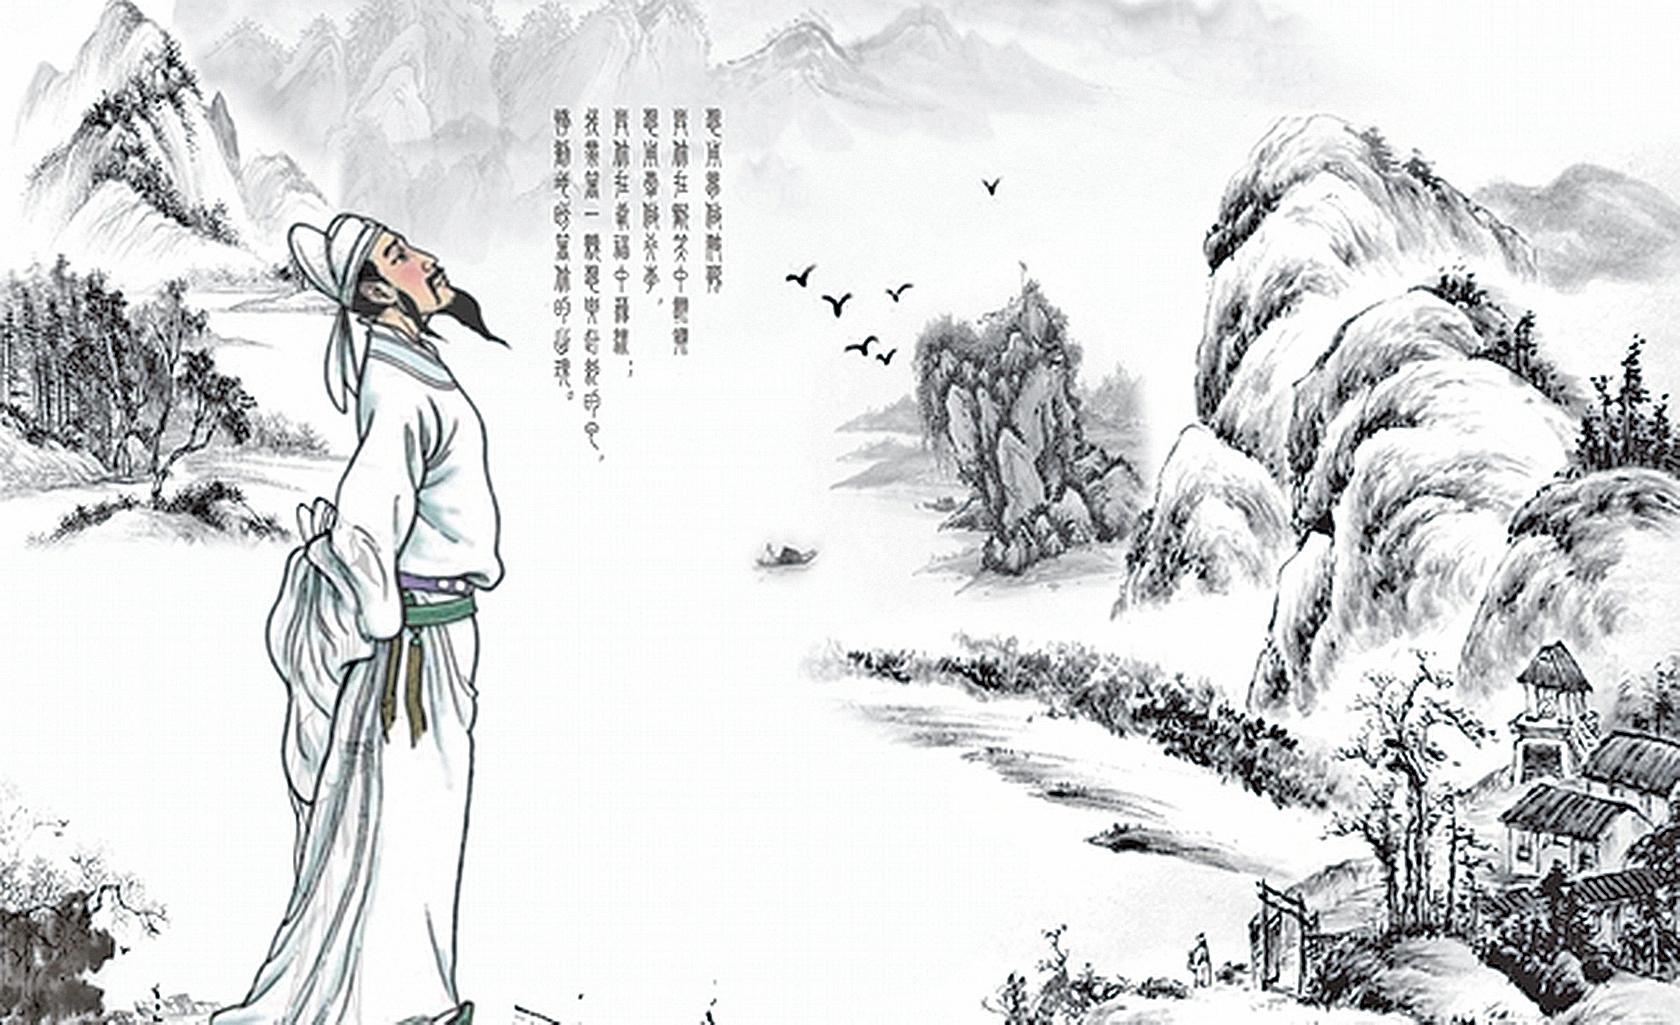 詩仙李白在文學史上的成就和地位上首屈一指,他的後人又如何呢?(授權圖片)